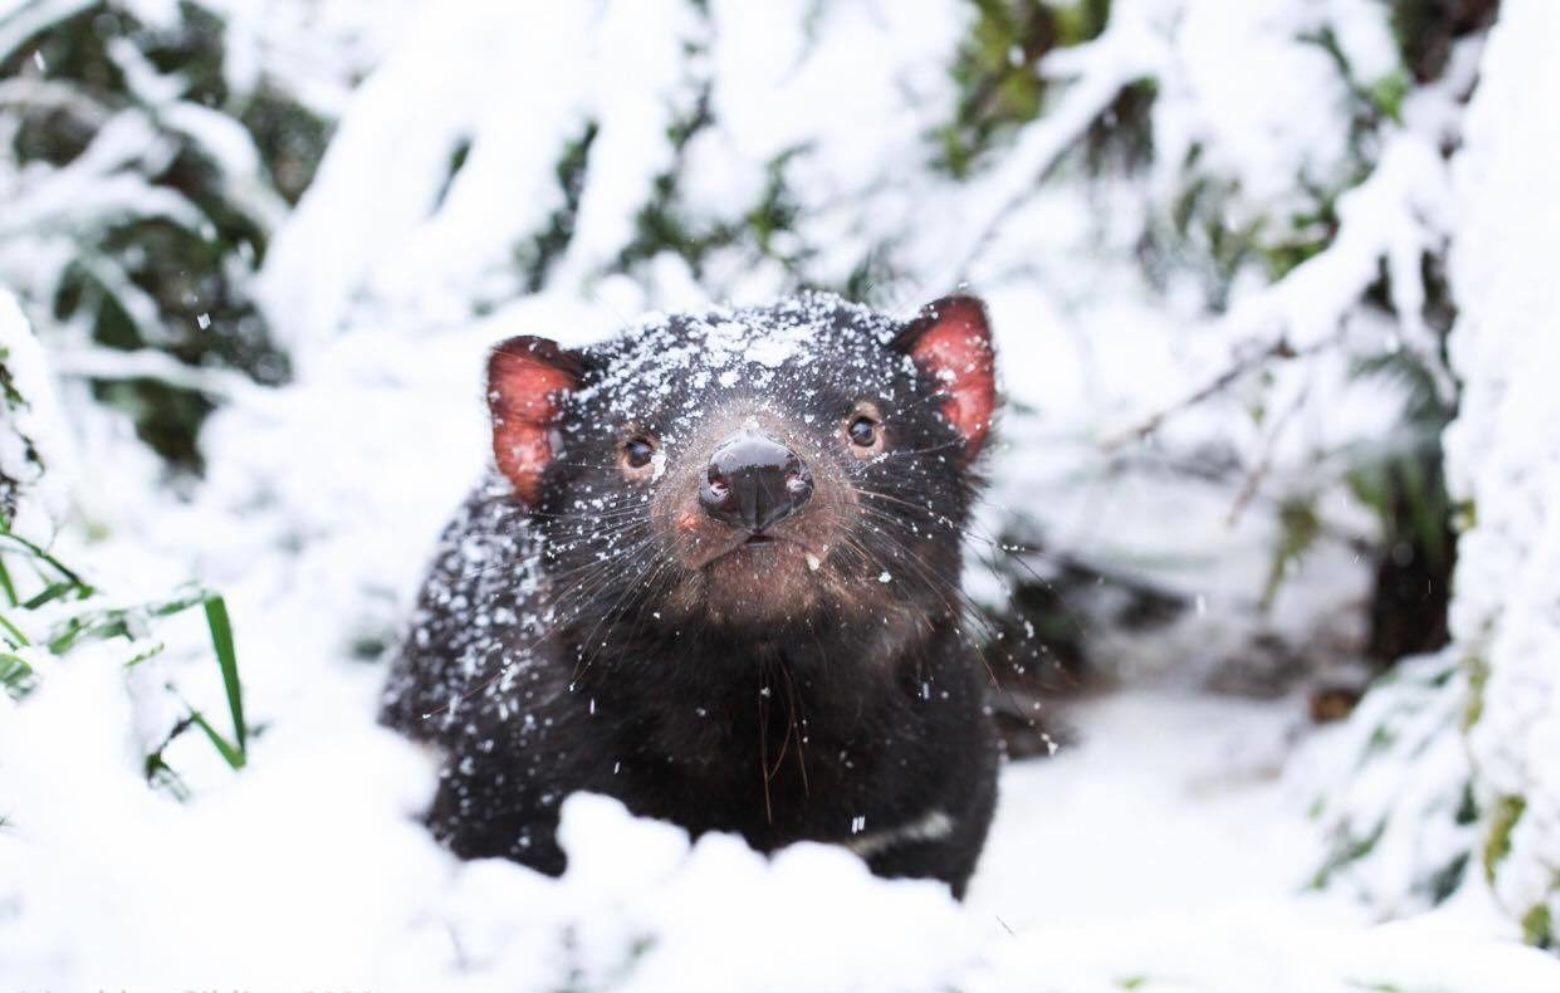 Tasmanian Devil in snow at Aussie Ark in Barrington Tops. (photo by Aussie Ark)